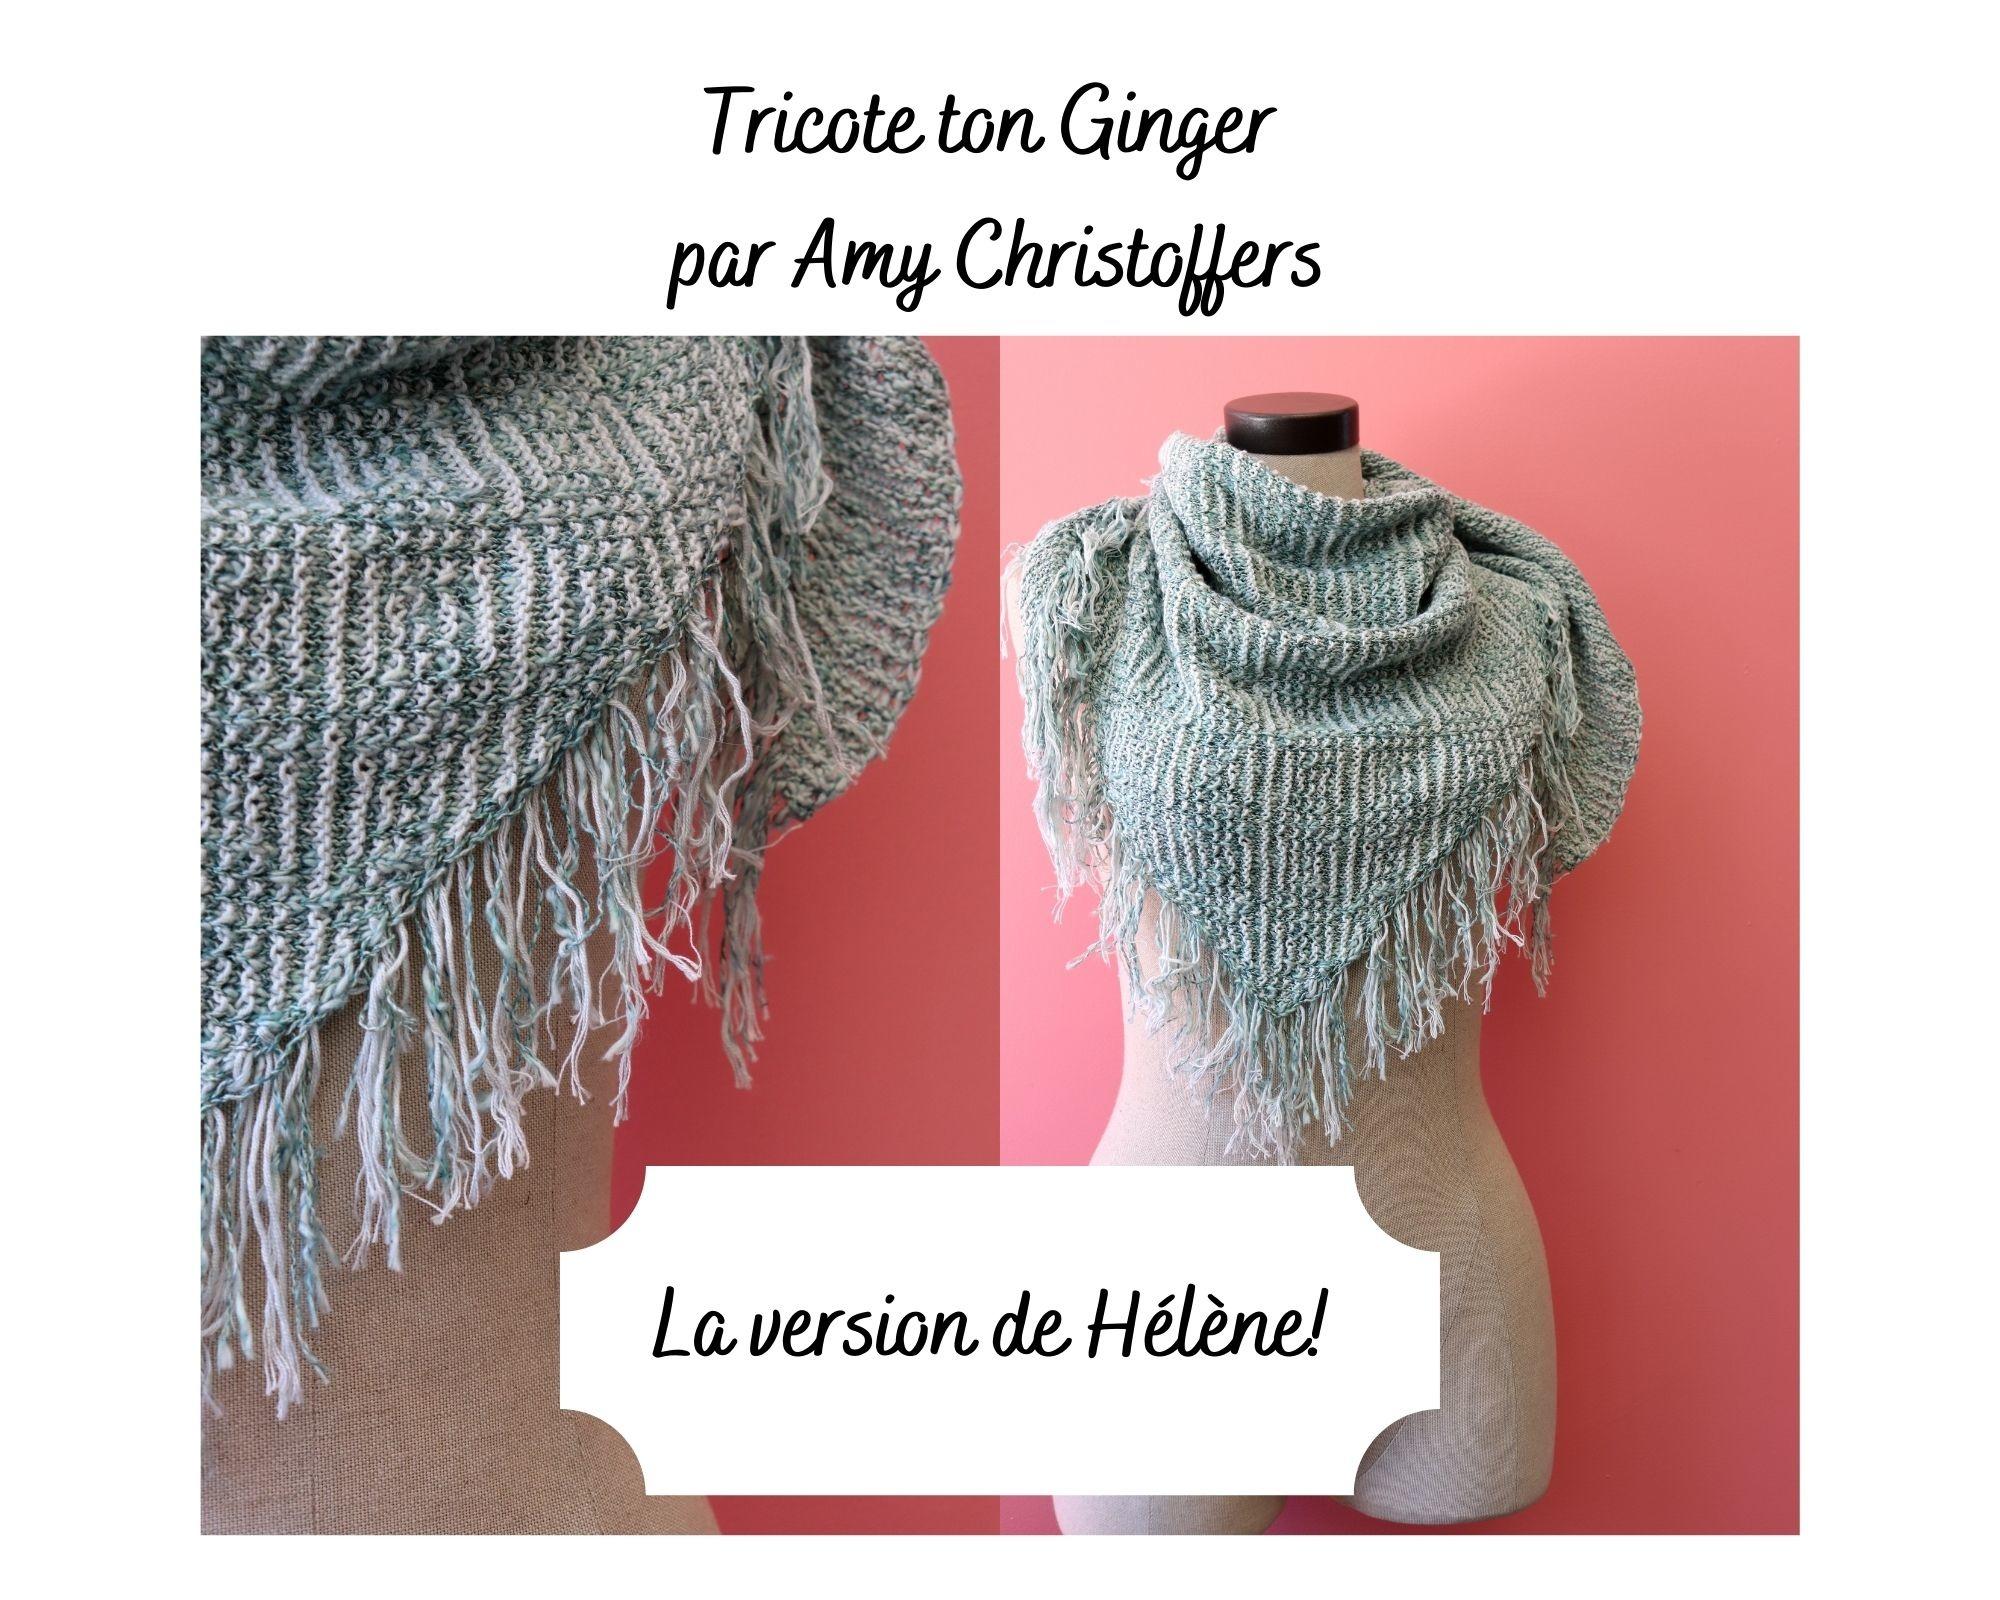 Tricote ton Ginger comme celui d'Hélène